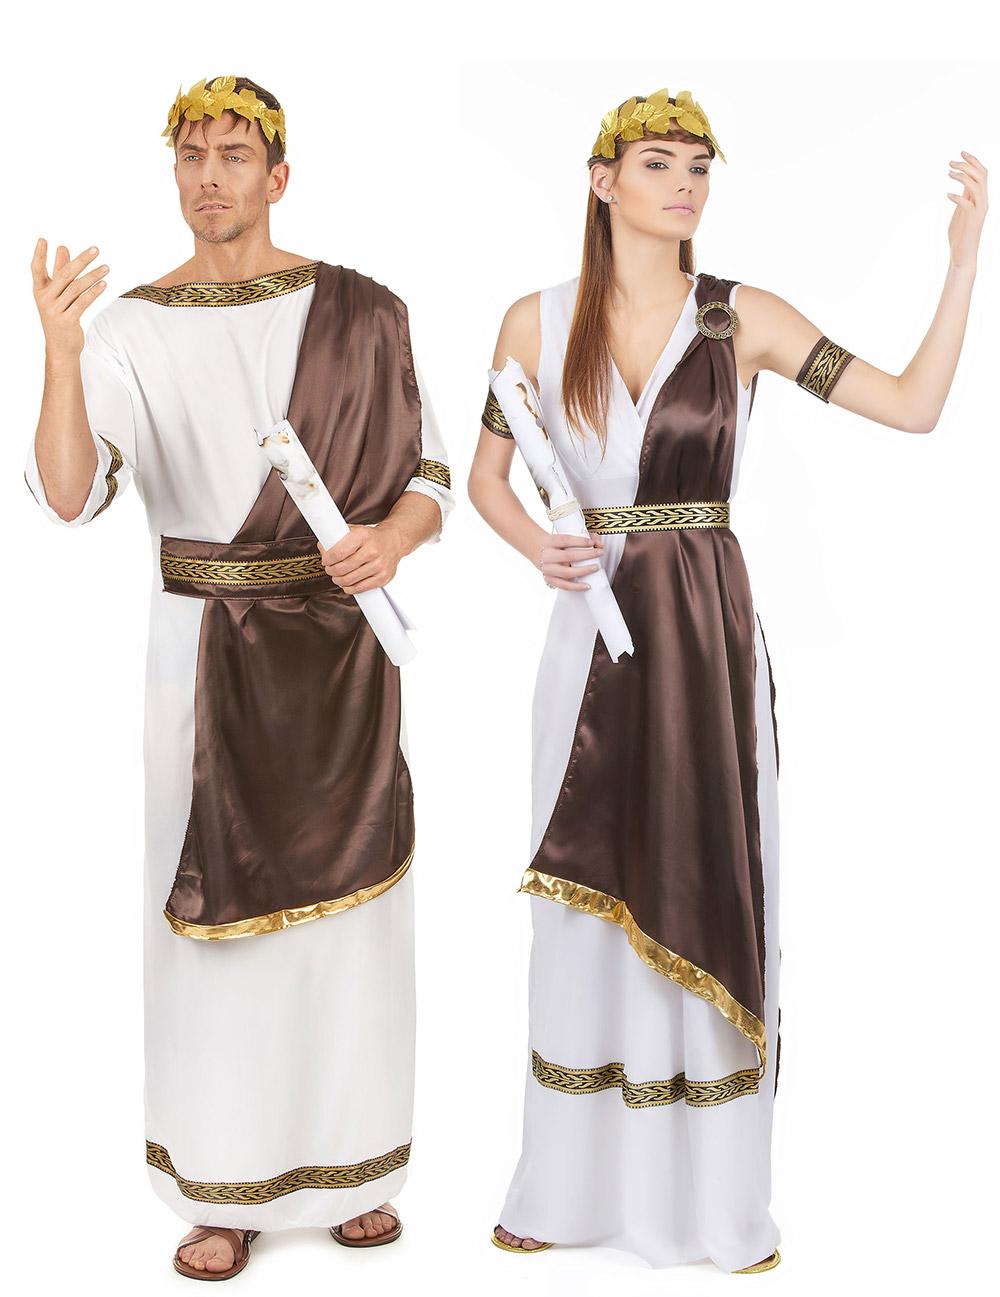 d guisement de couple romain marron adulte deguise toi achat de d guisements couples. Black Bedroom Furniture Sets. Home Design Ideas